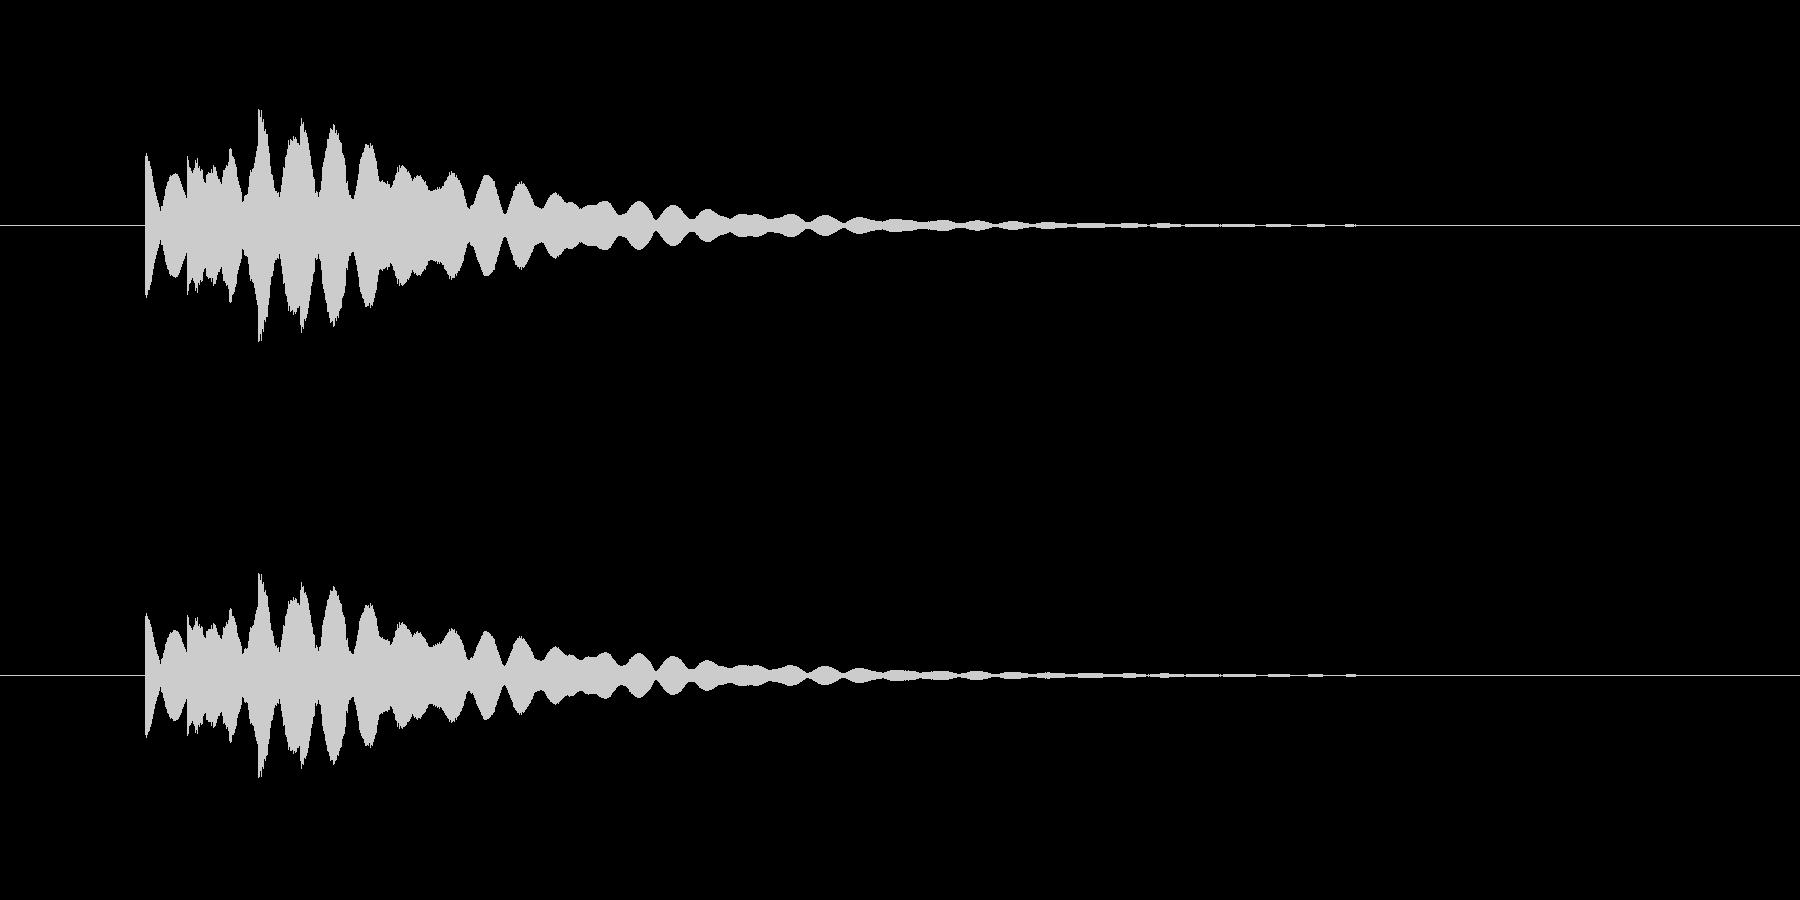 ピポーン(高めに響く決定音)の未再生の波形